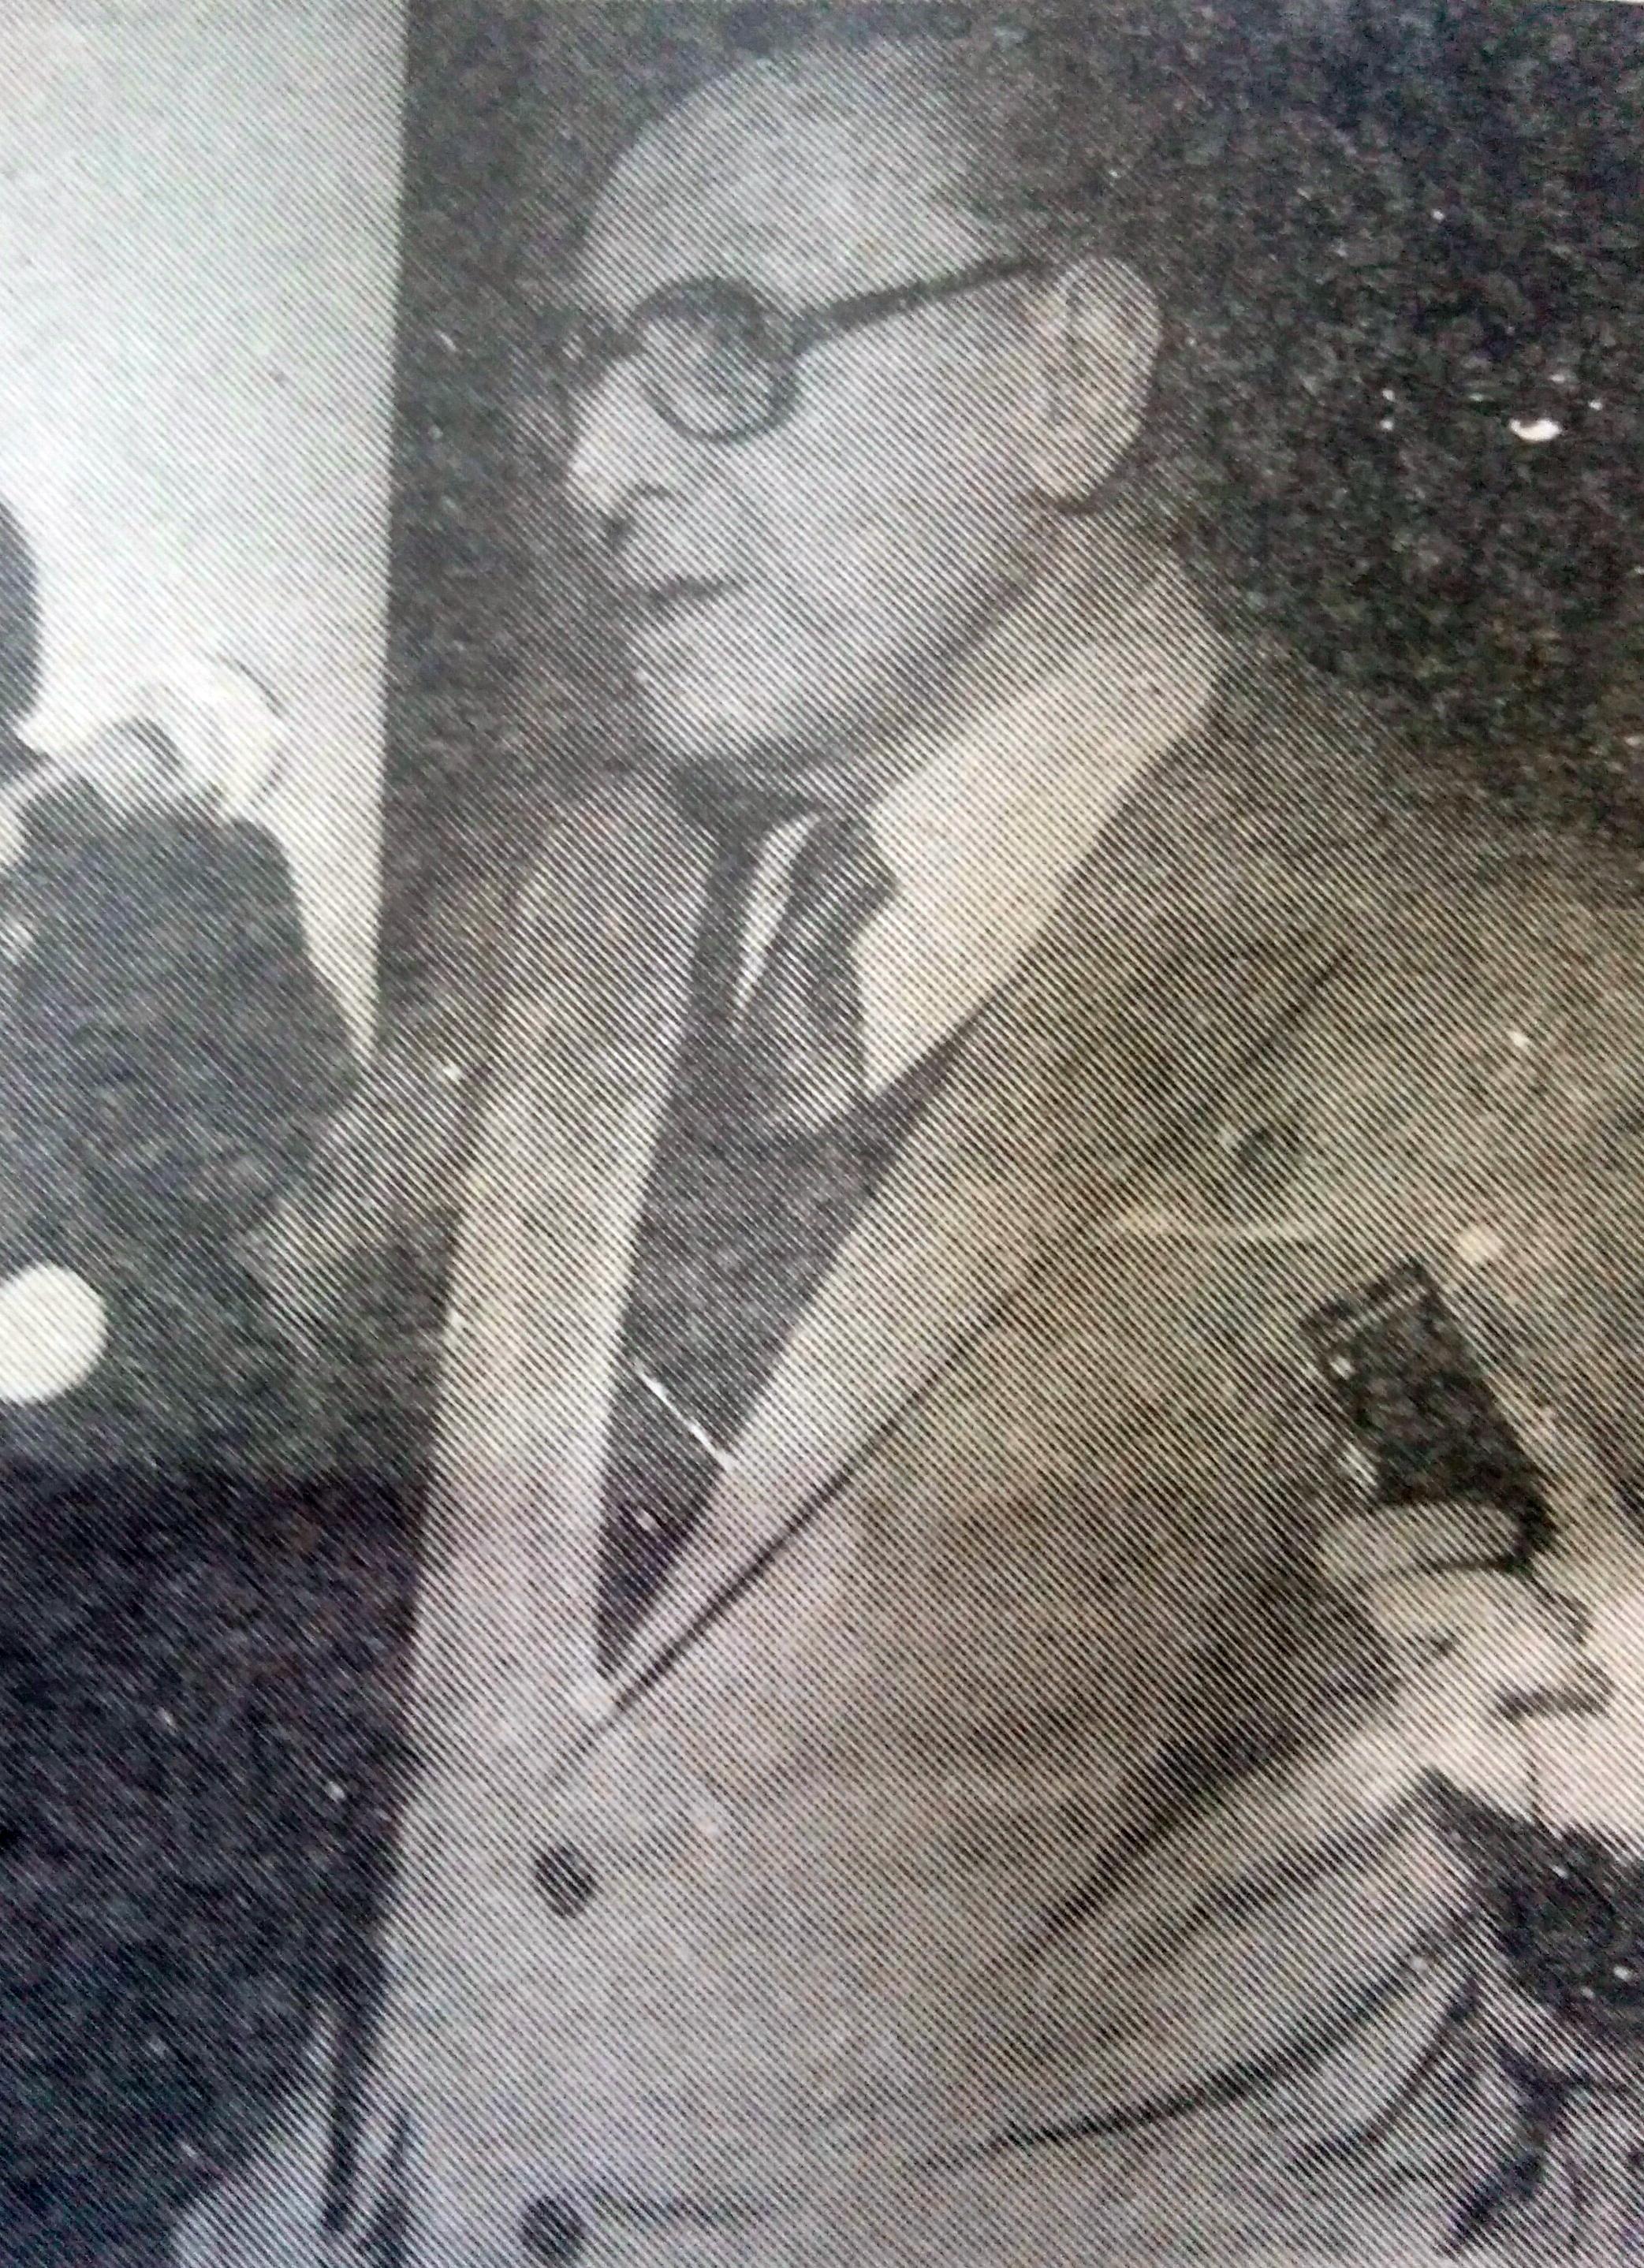 Profesor Héctor José Cartier (1907-1997).